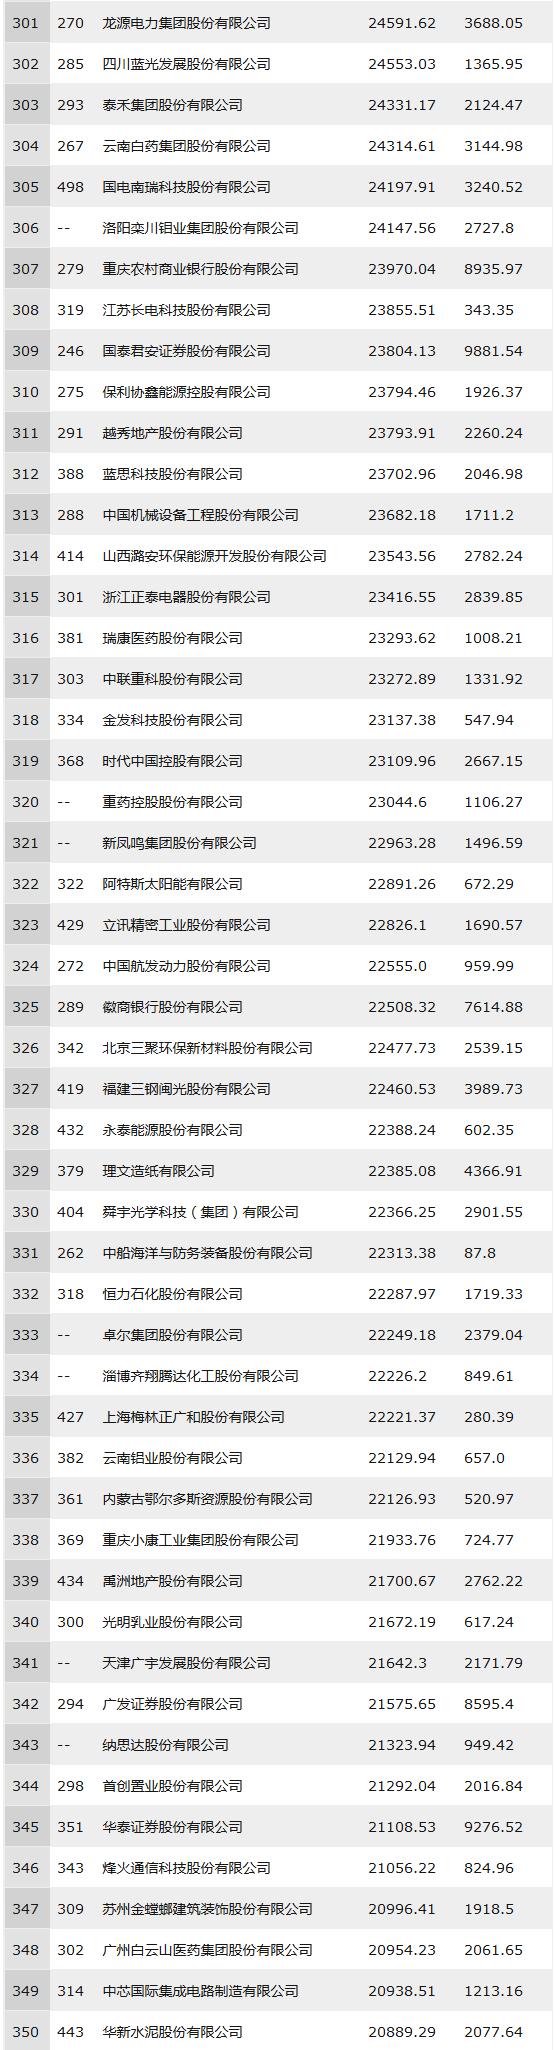 2018年中国500强排行榜(全部榜单)301-350